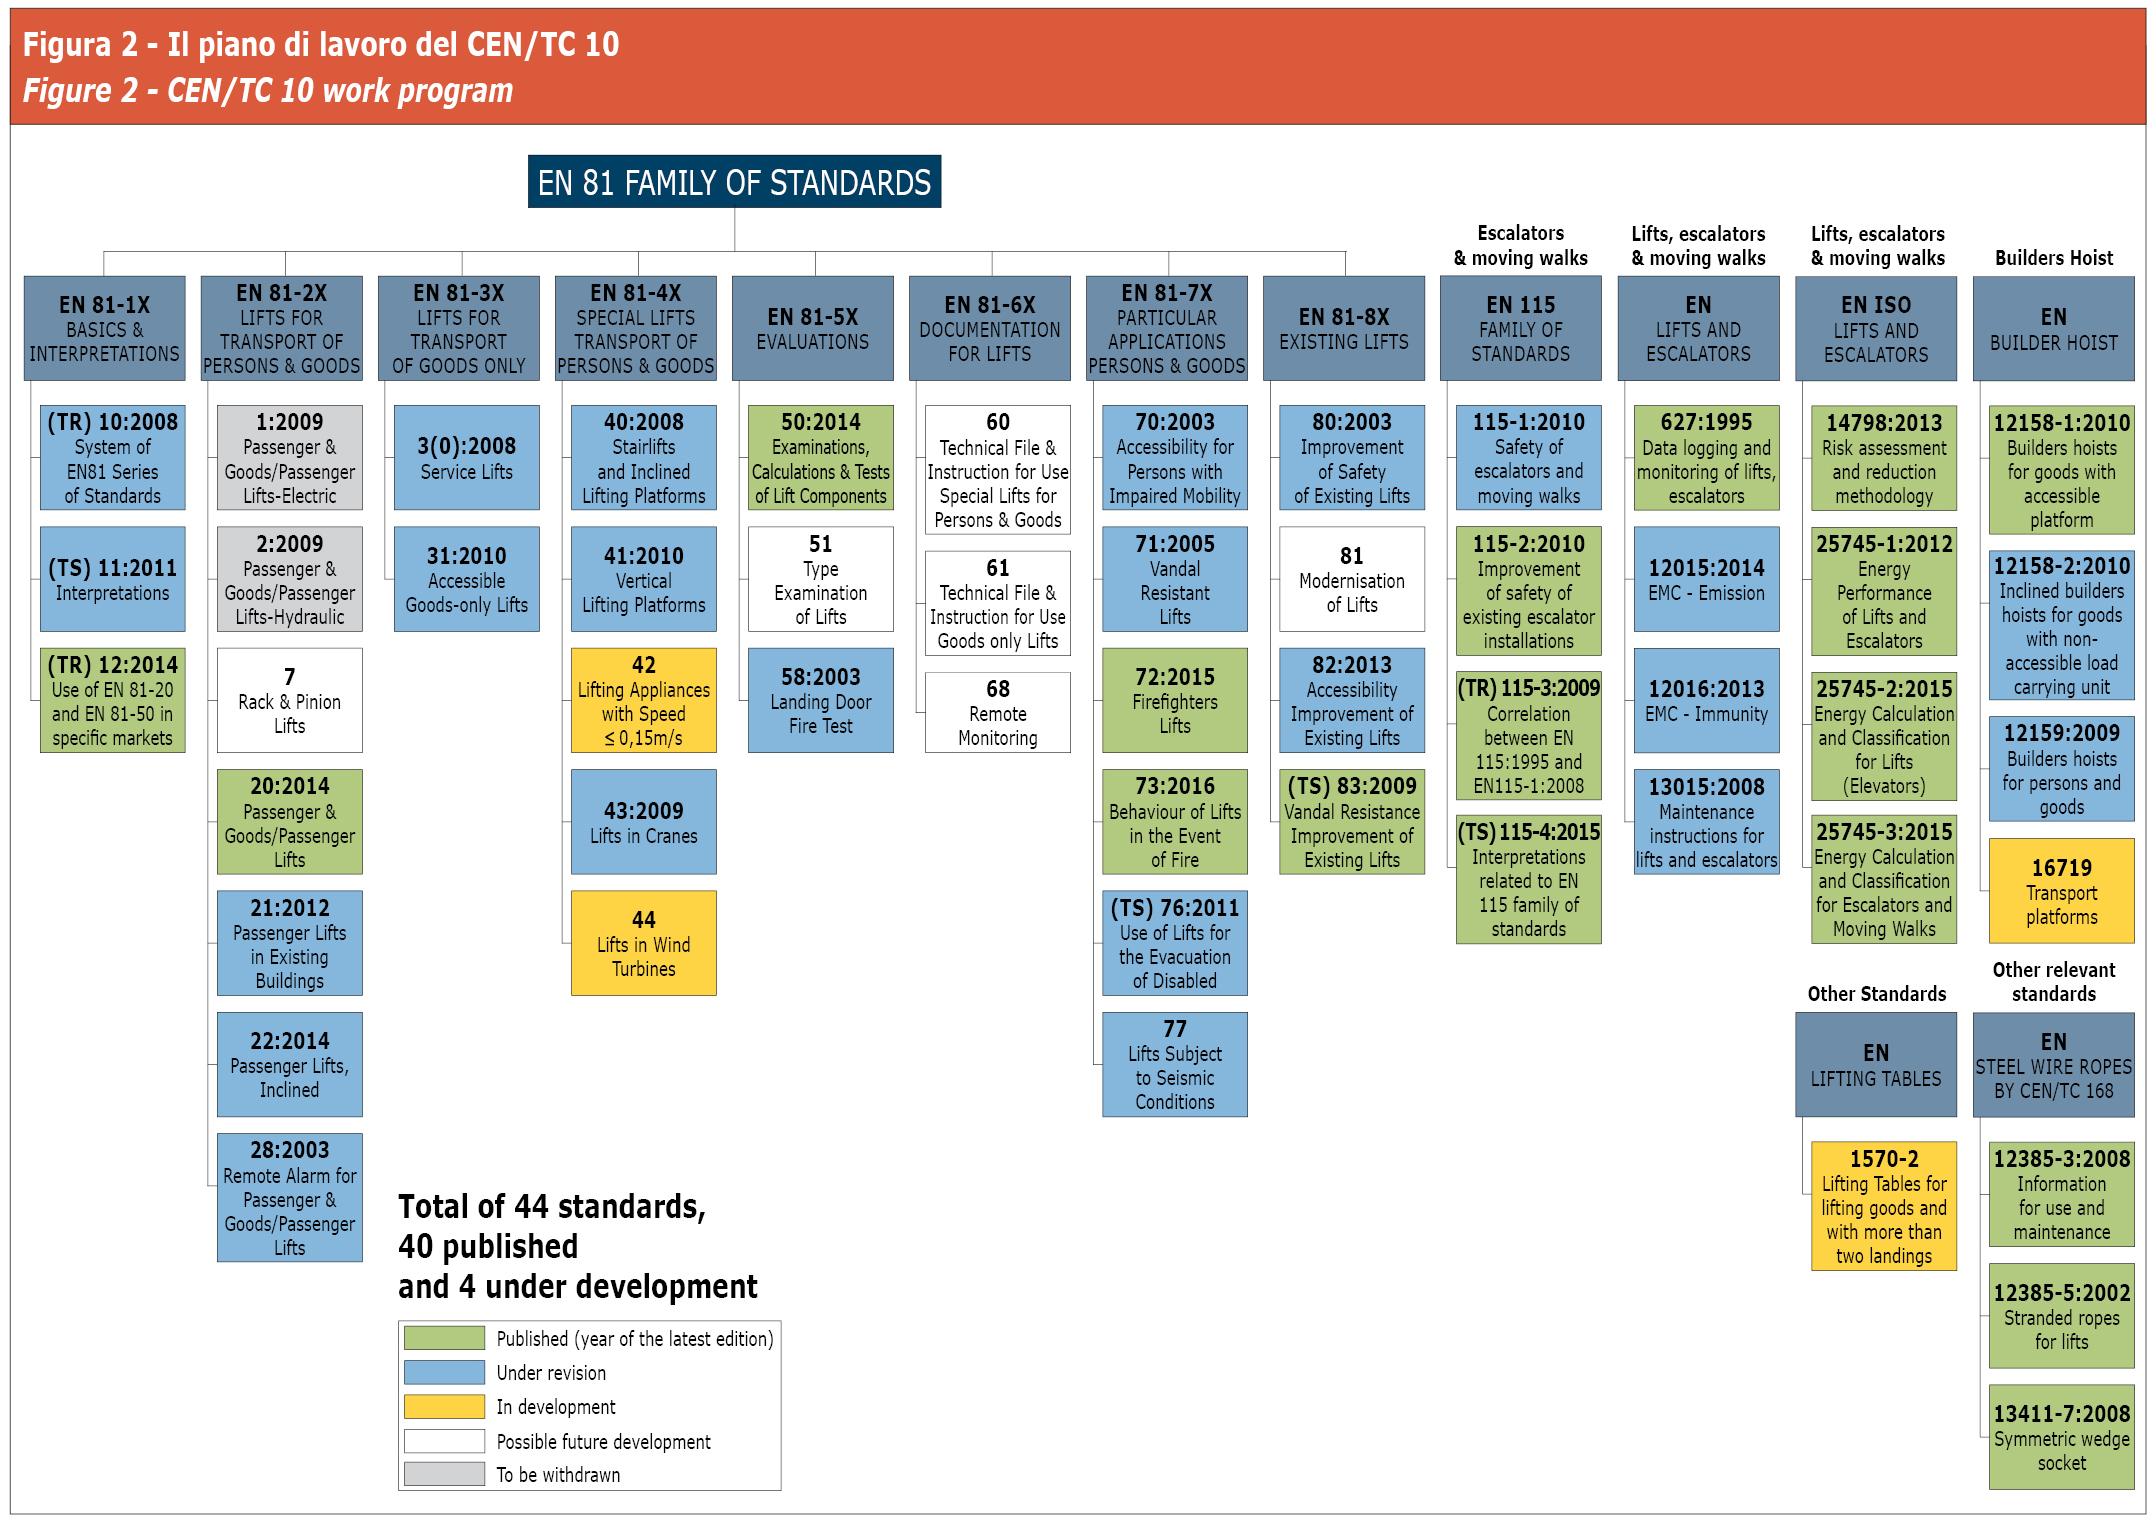 Il piano di lavoro del CEN/TC 10